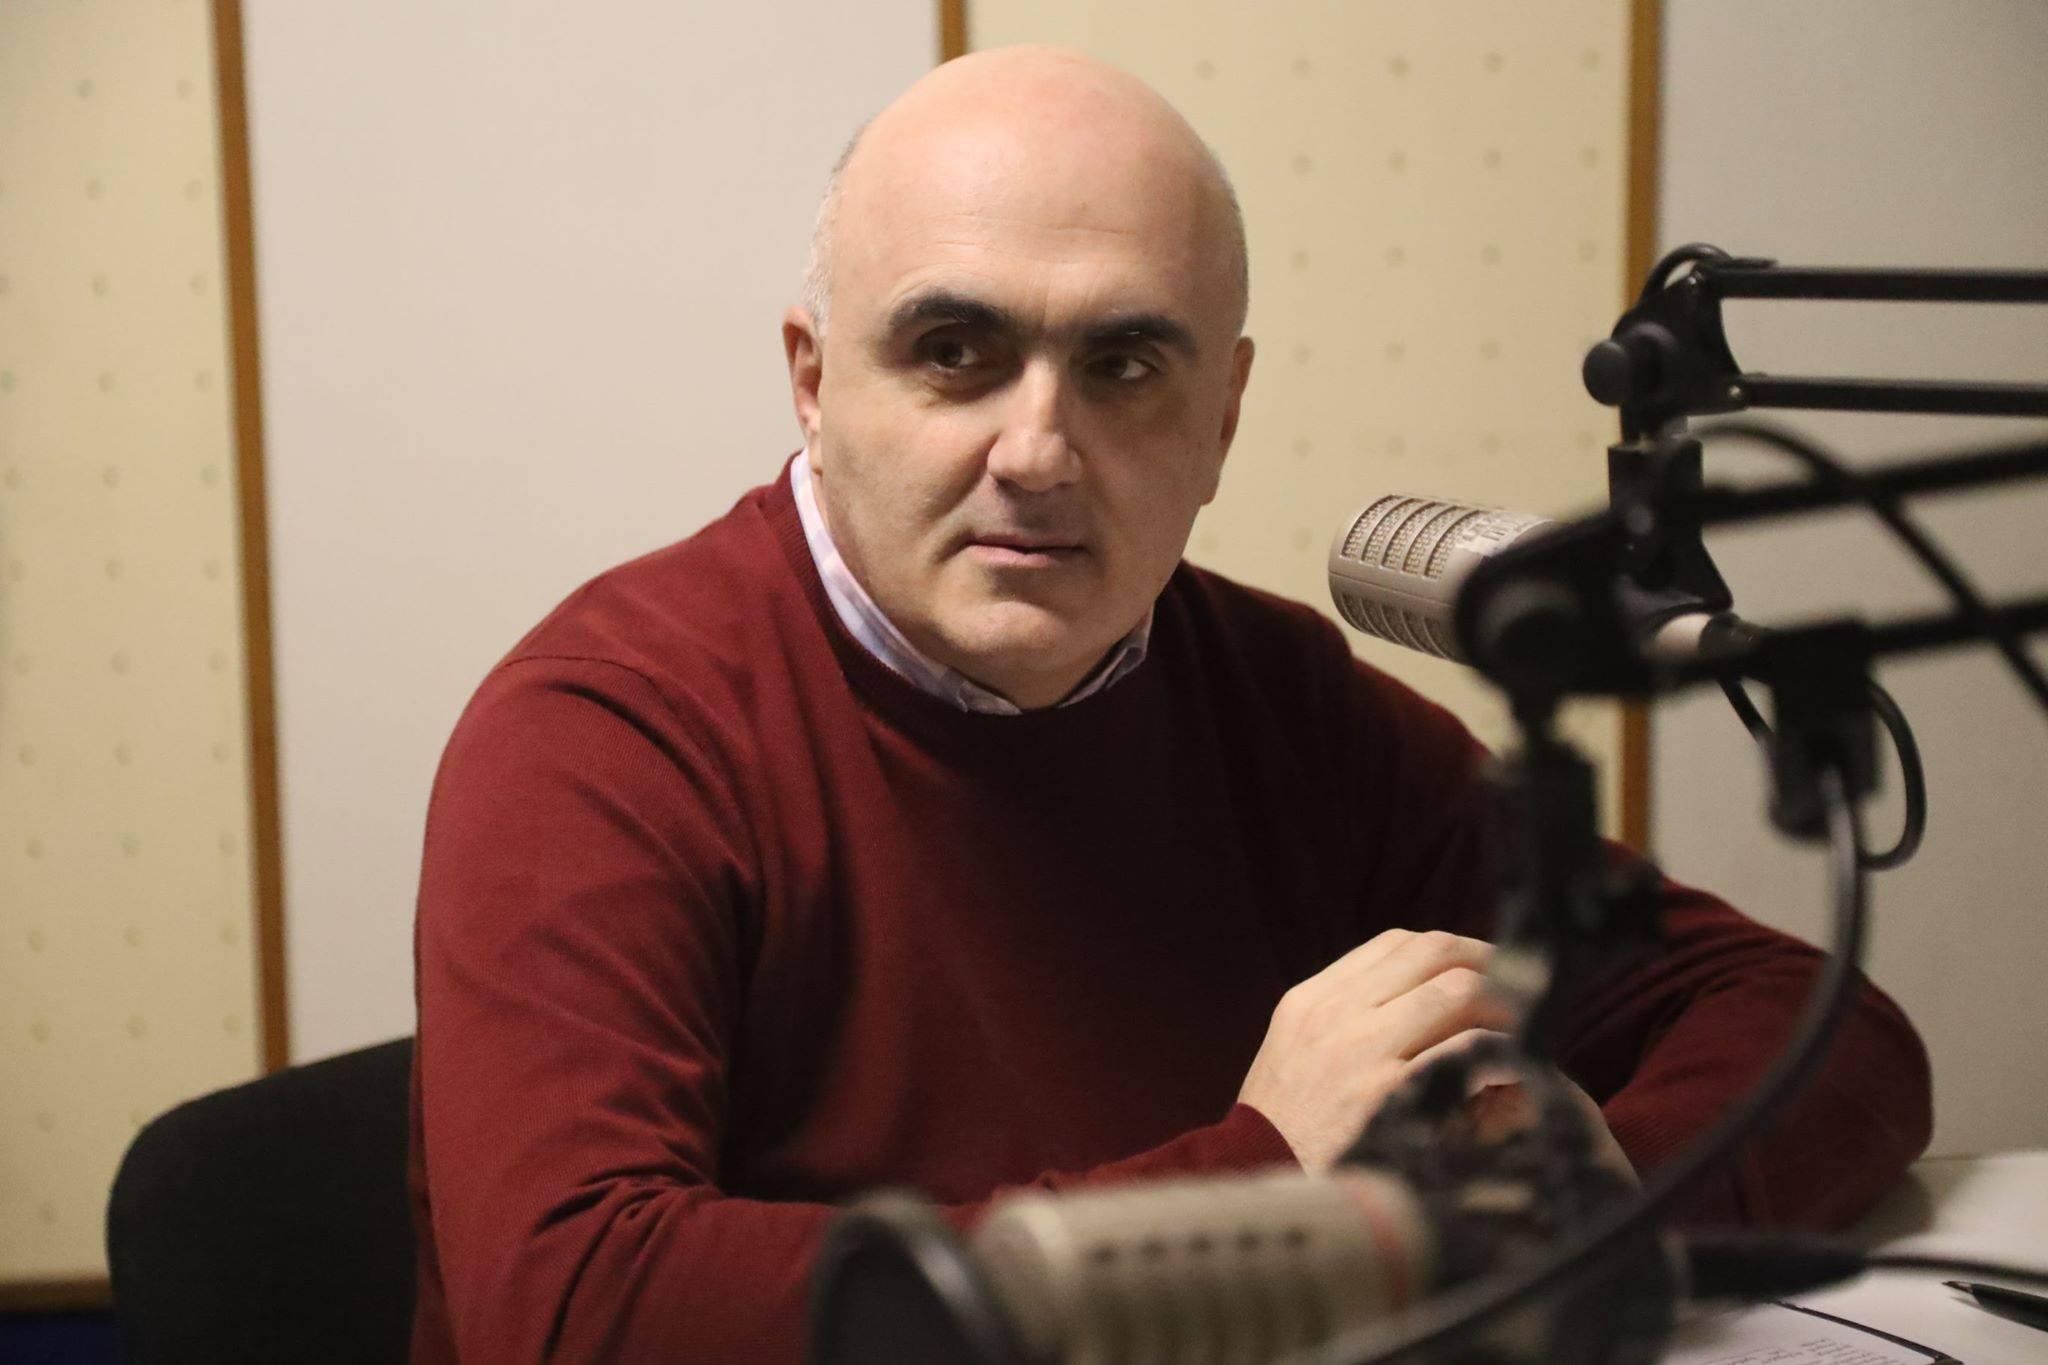 #რადიოკალენდარი - ასი წელი ნიკო ფიროსმანაშვილის გარდაცვალებიდან